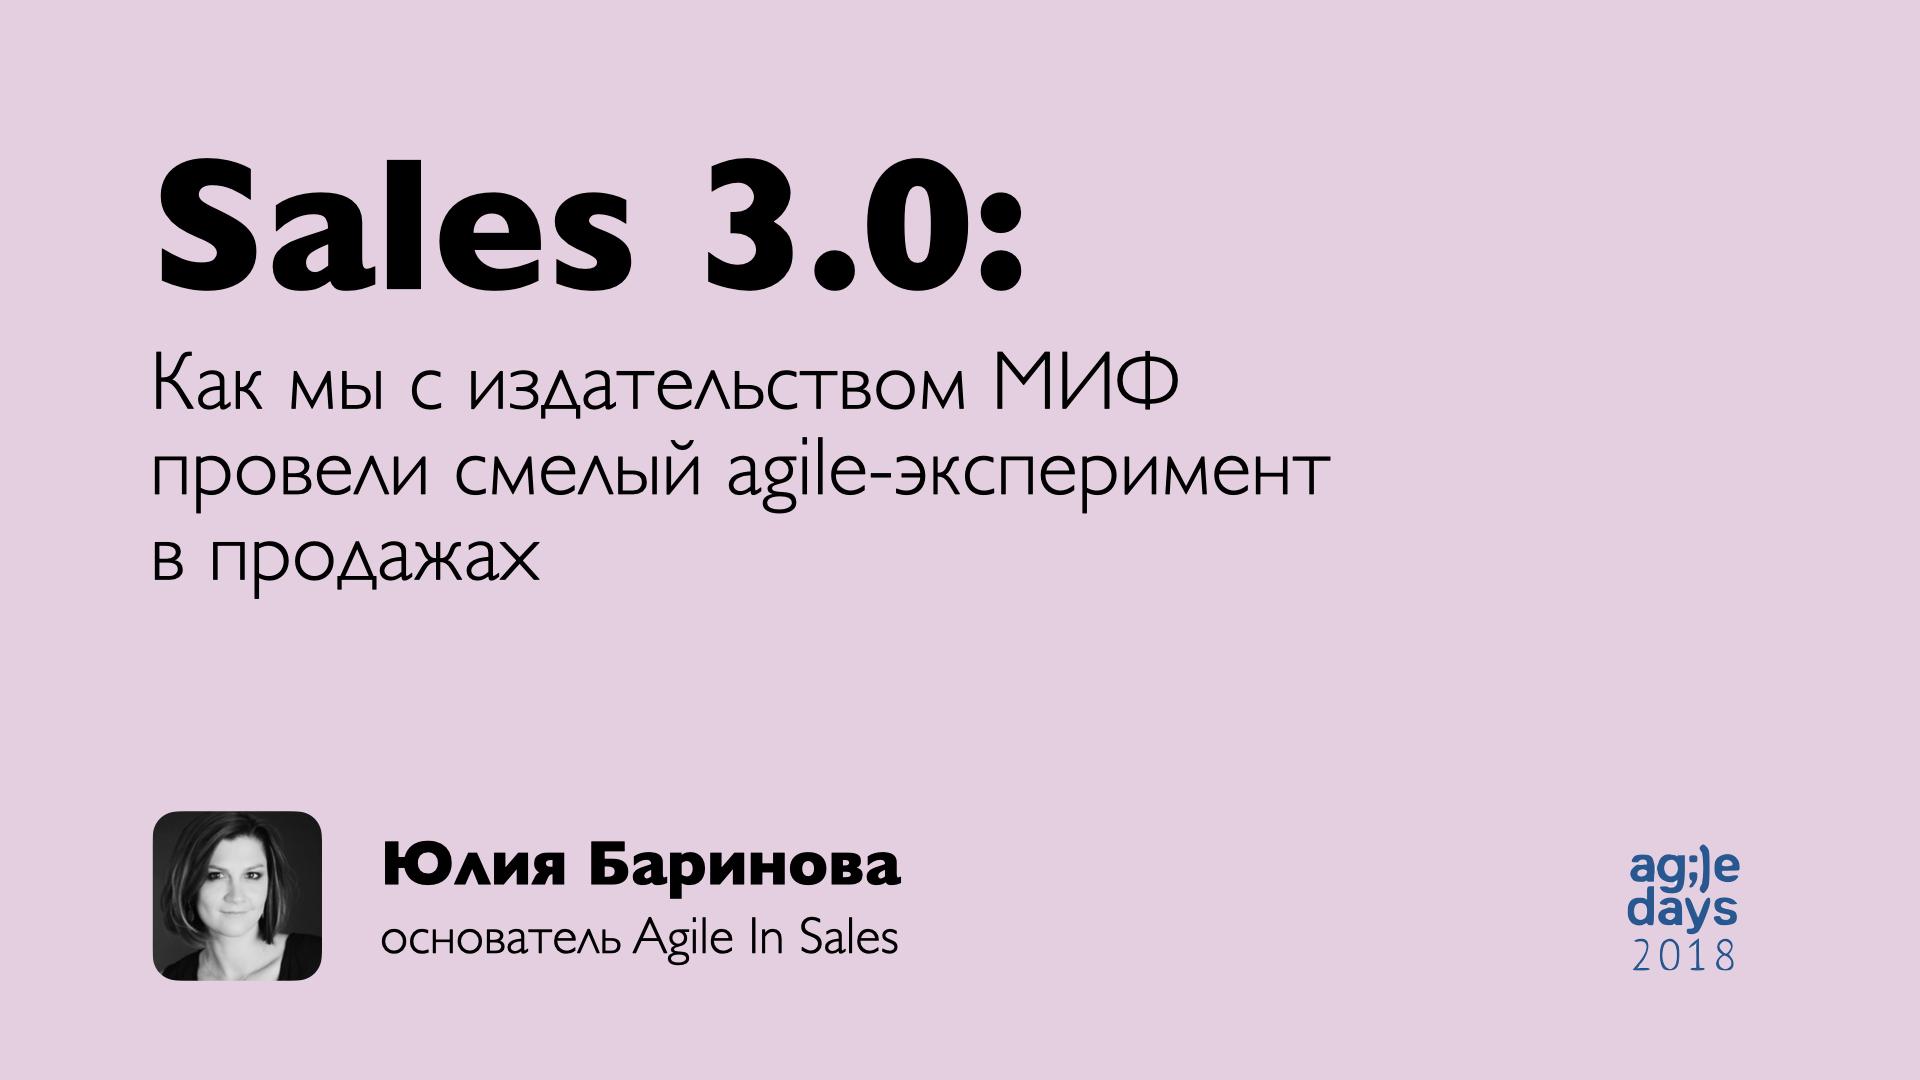 Выступление Юлии Бариновой на AgileDays, 2018